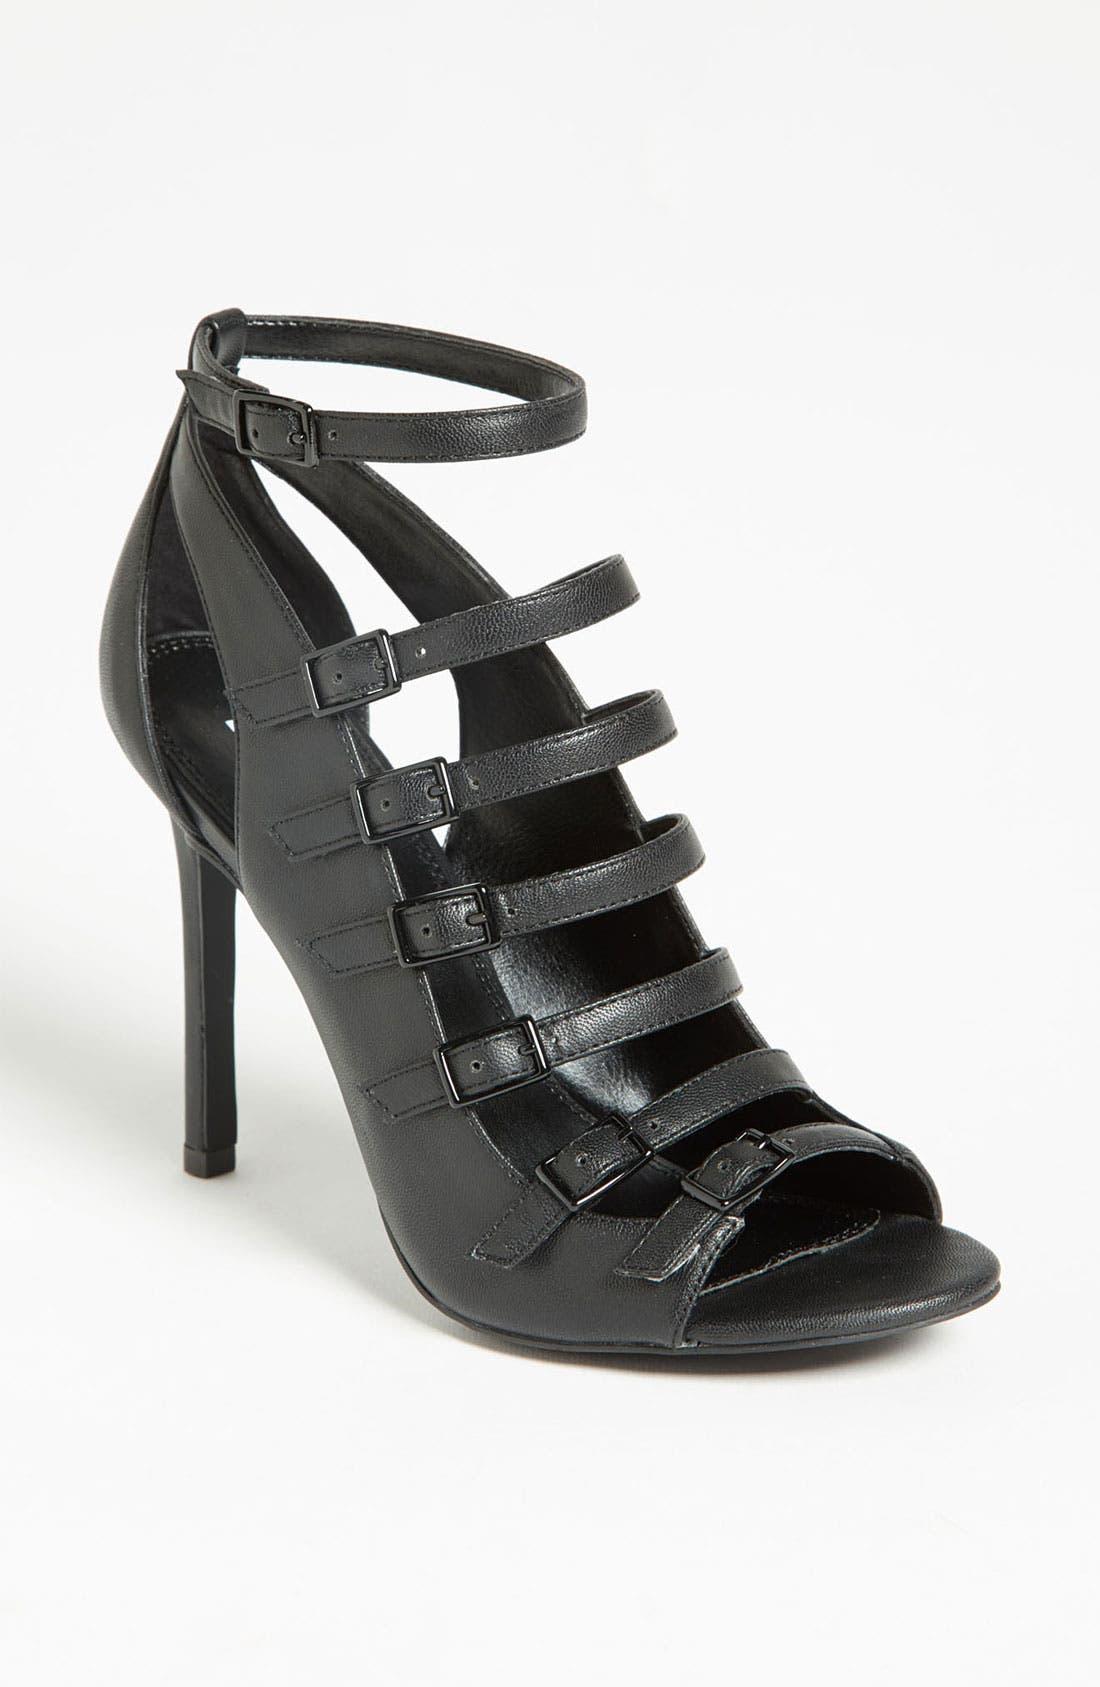 Alternate Image 1 Selected - Tildon 'Janessa' Sandal